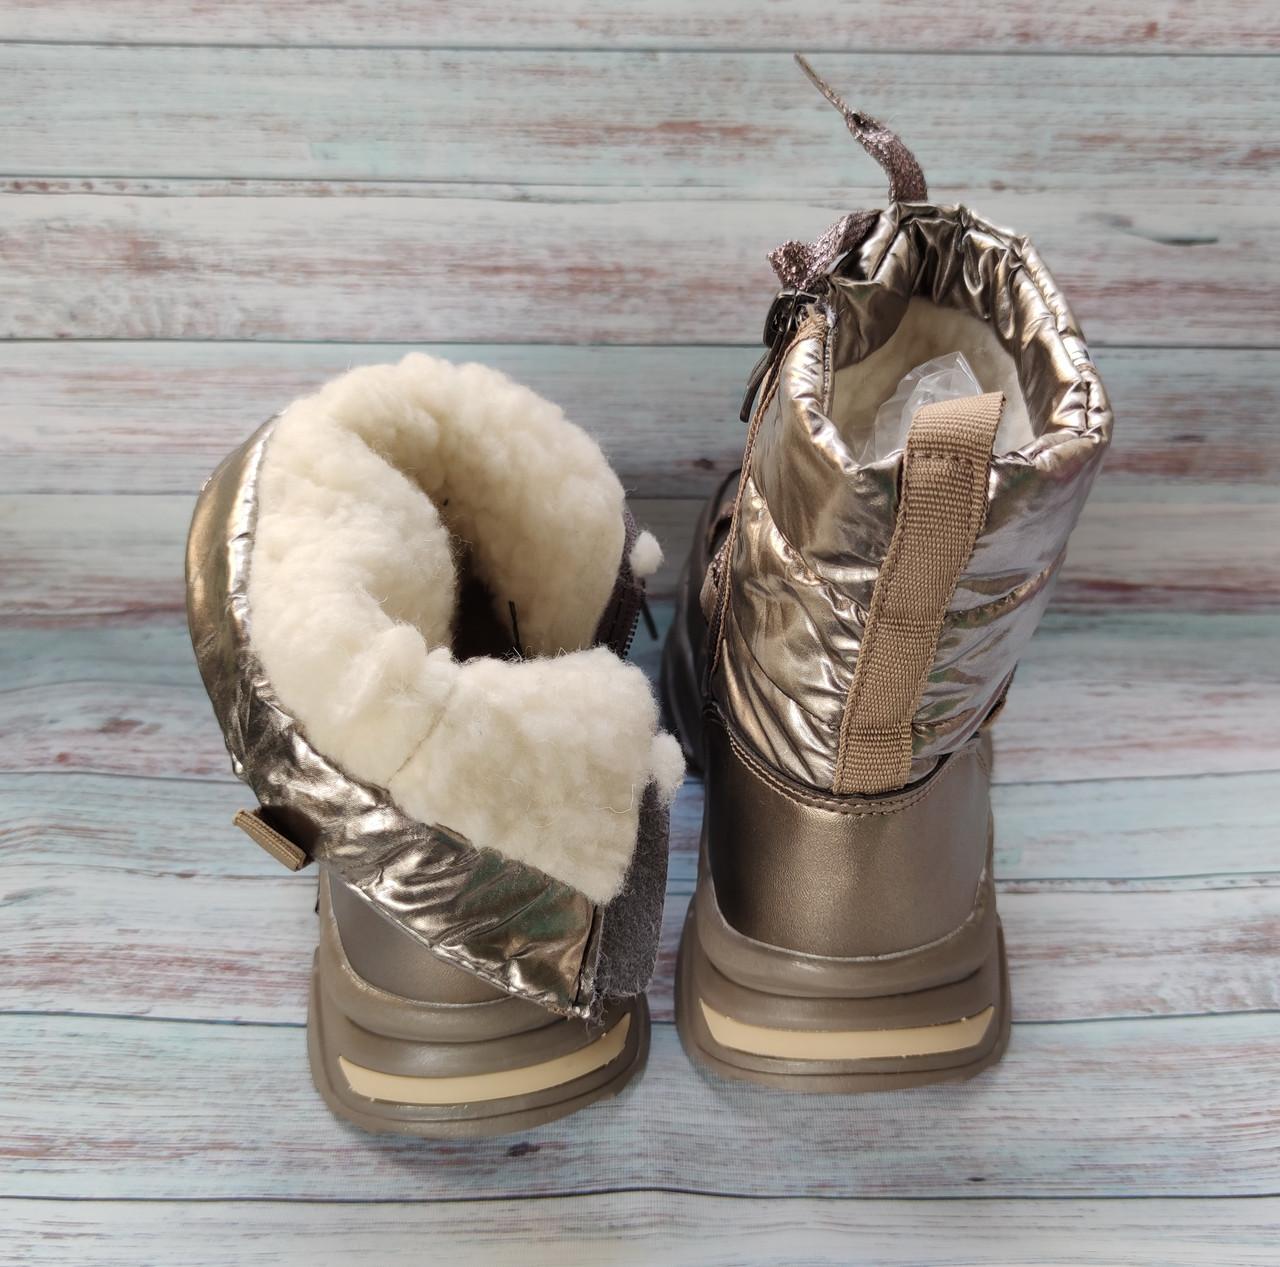 Детские подростковые дутики зимние сапоги на зиму для девочки бронза Alaska